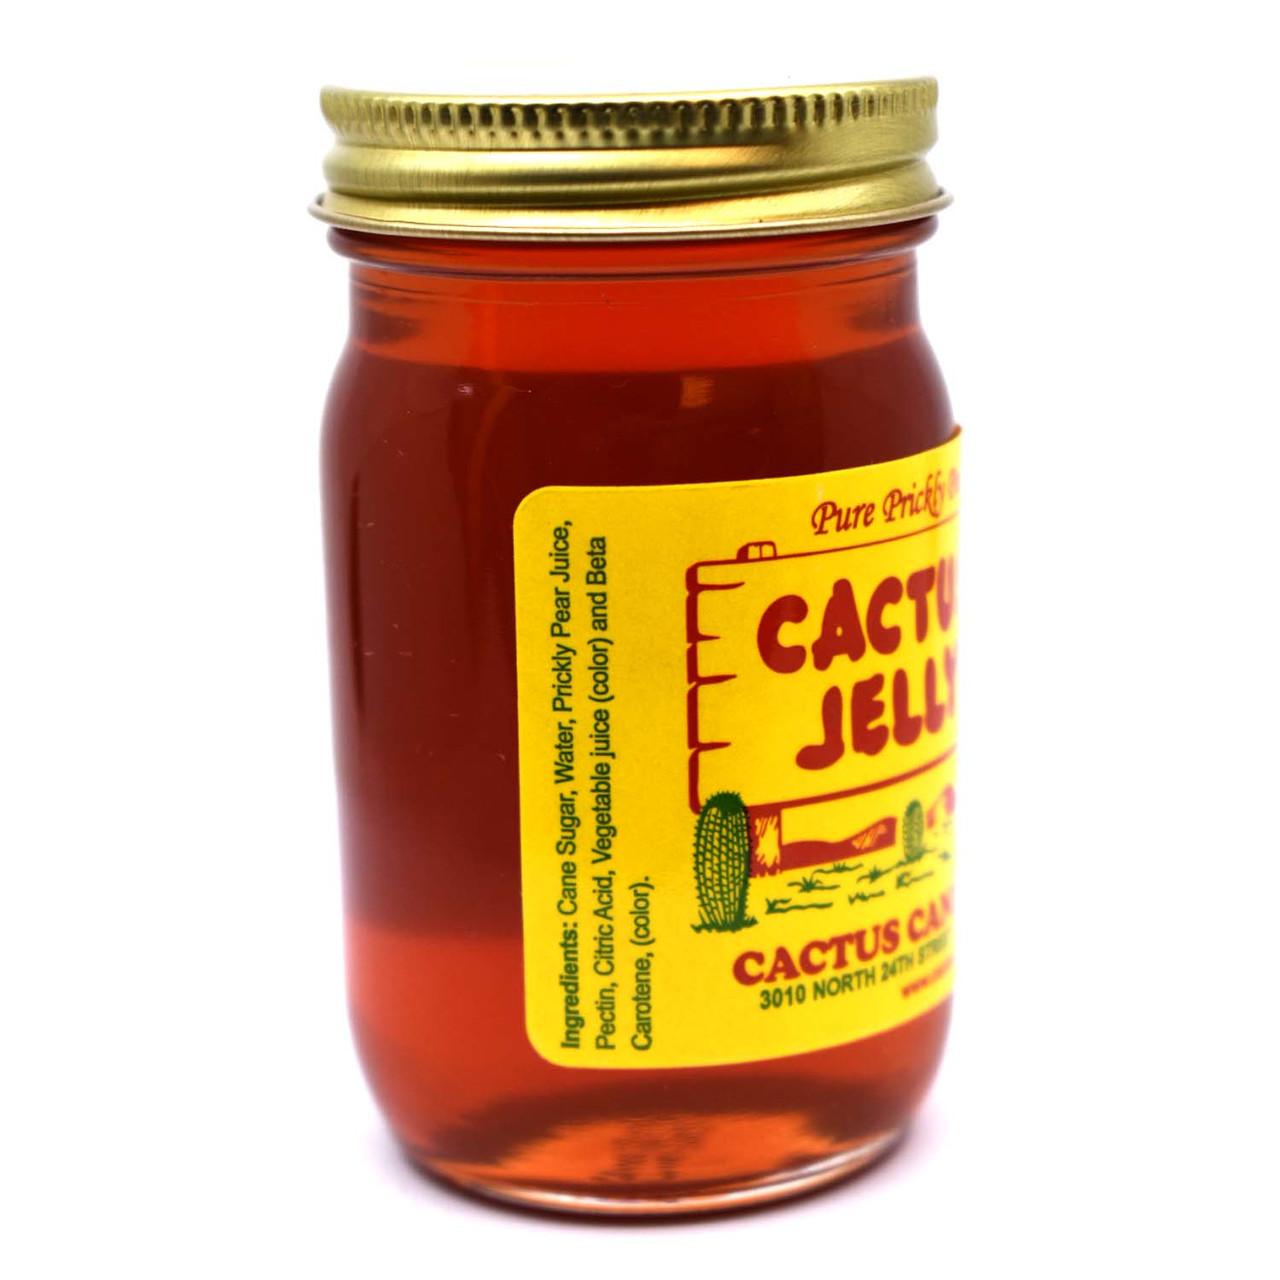 Cactus Jelly 5oz Glass Jar